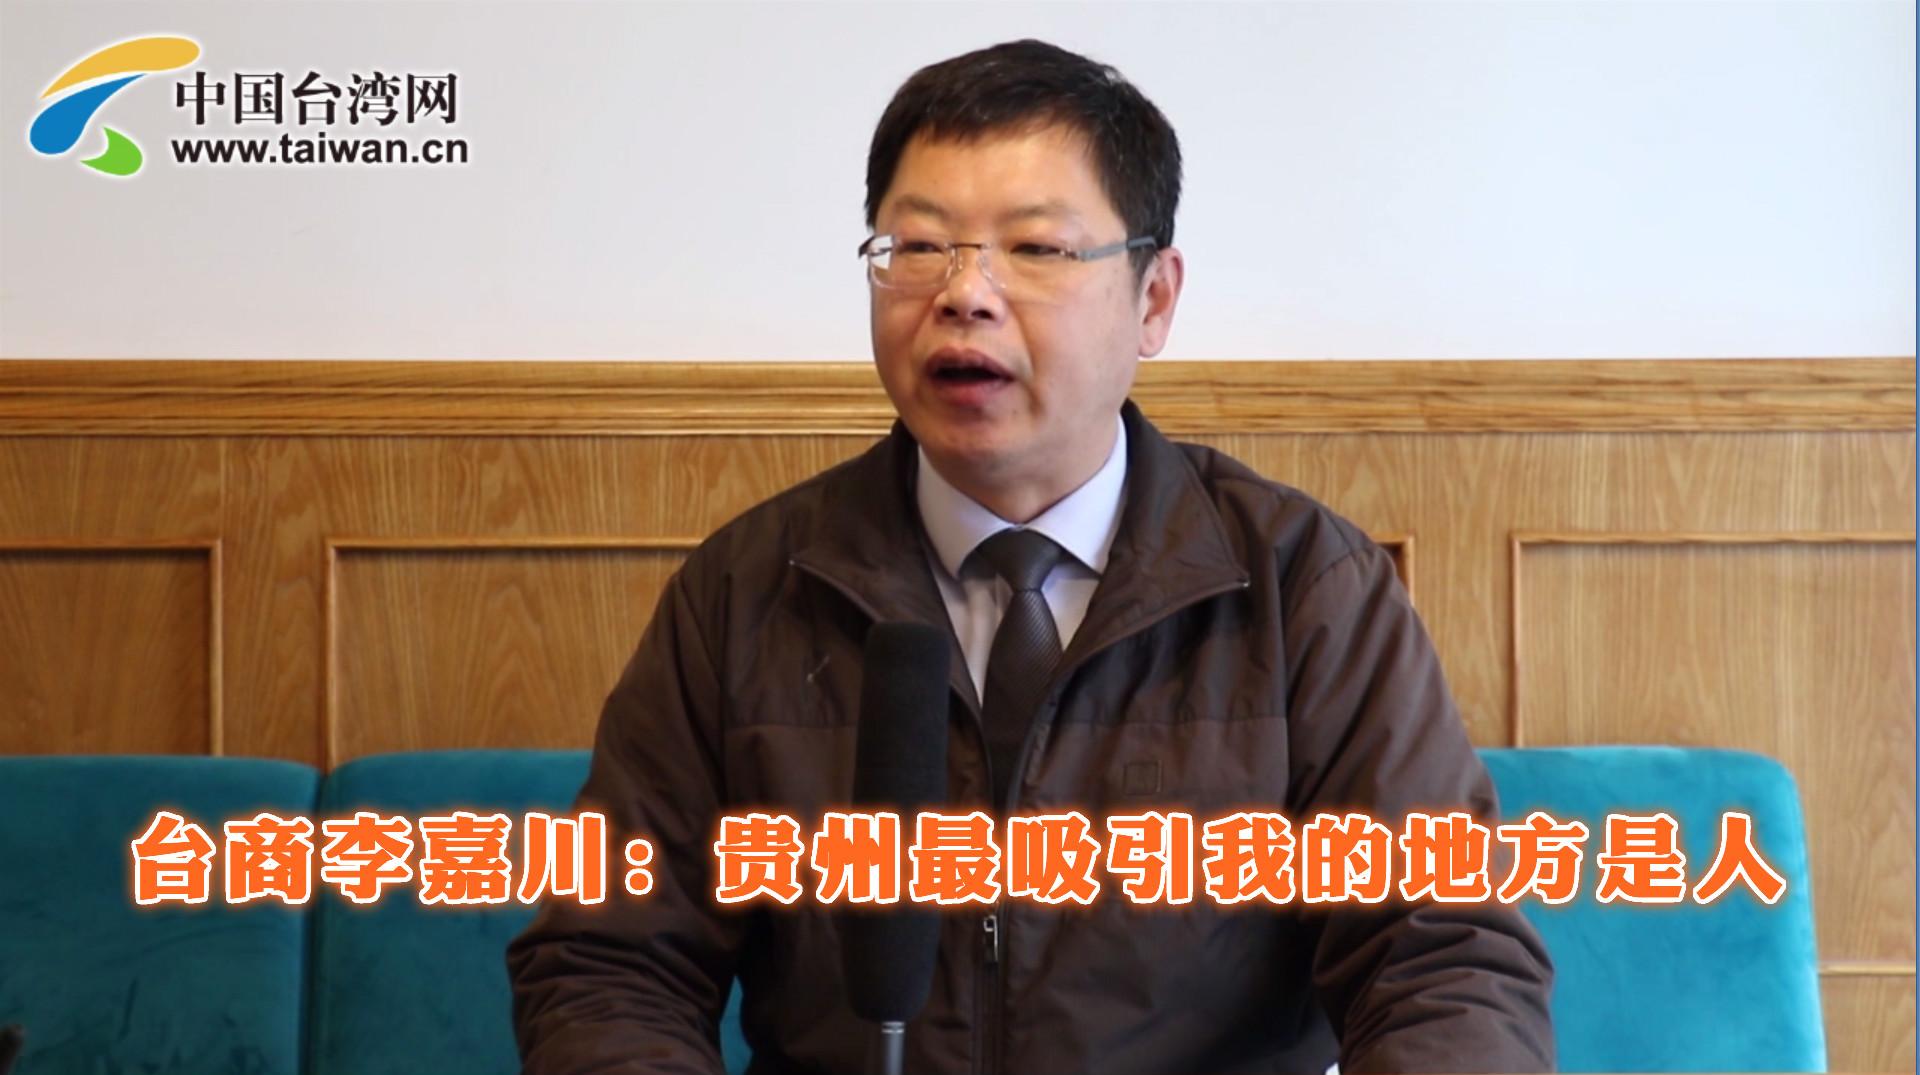 臺商李嘉川:貴州最吸引我的地方是人圖片